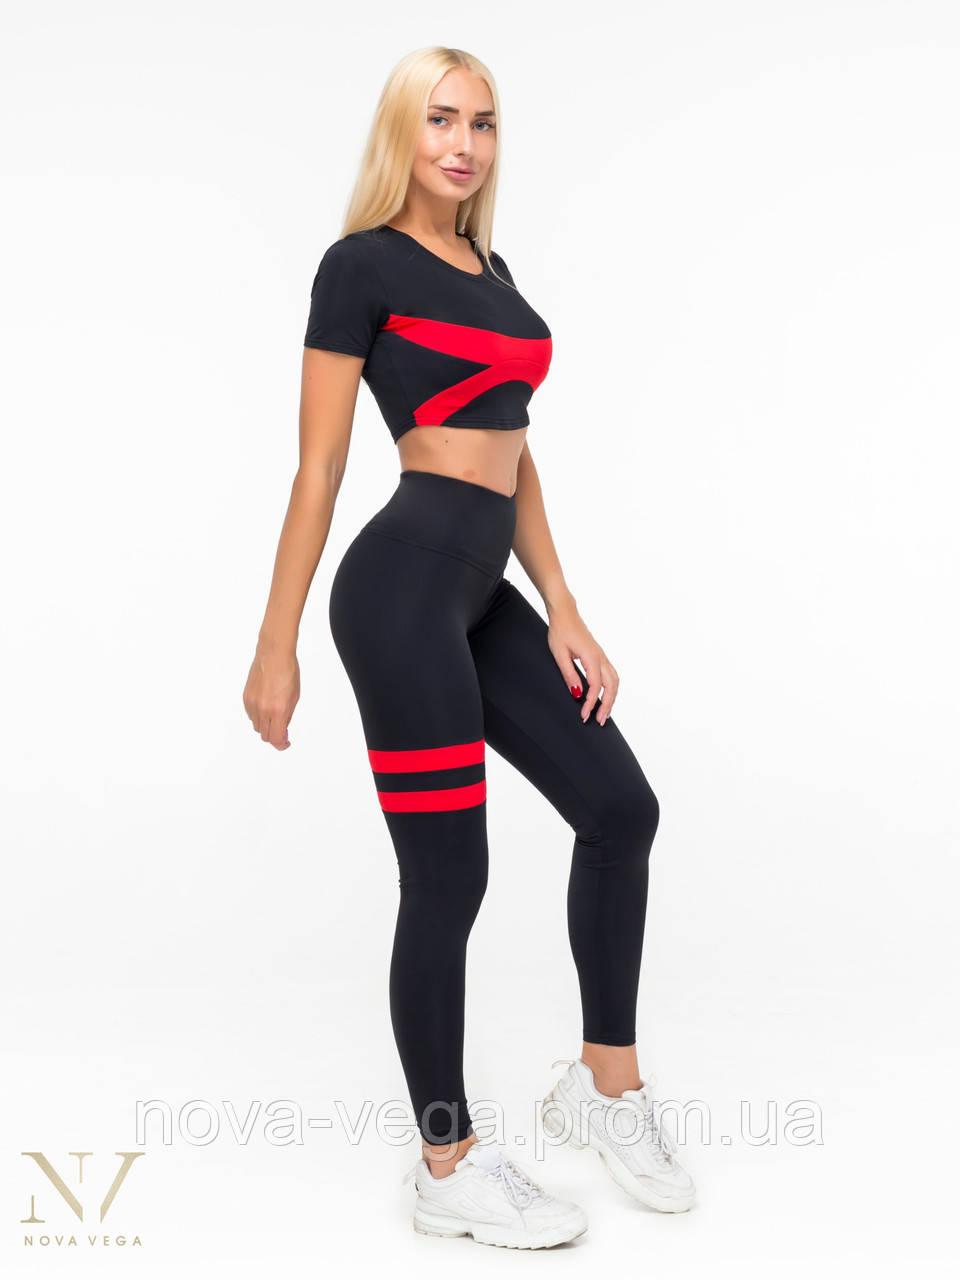 Стильные Женские Спортивные Лосины Nova Vega Adel Black&Red